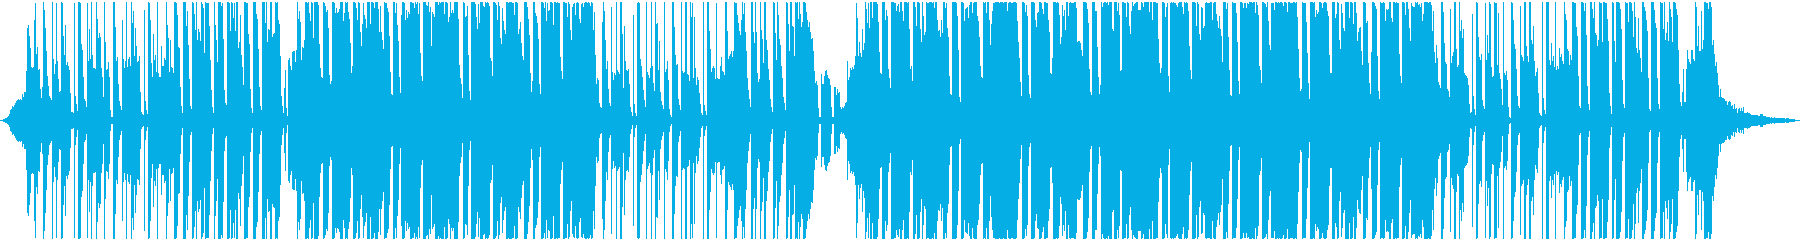 軽快ポップロック、60秒ジングルの再生済みの波形